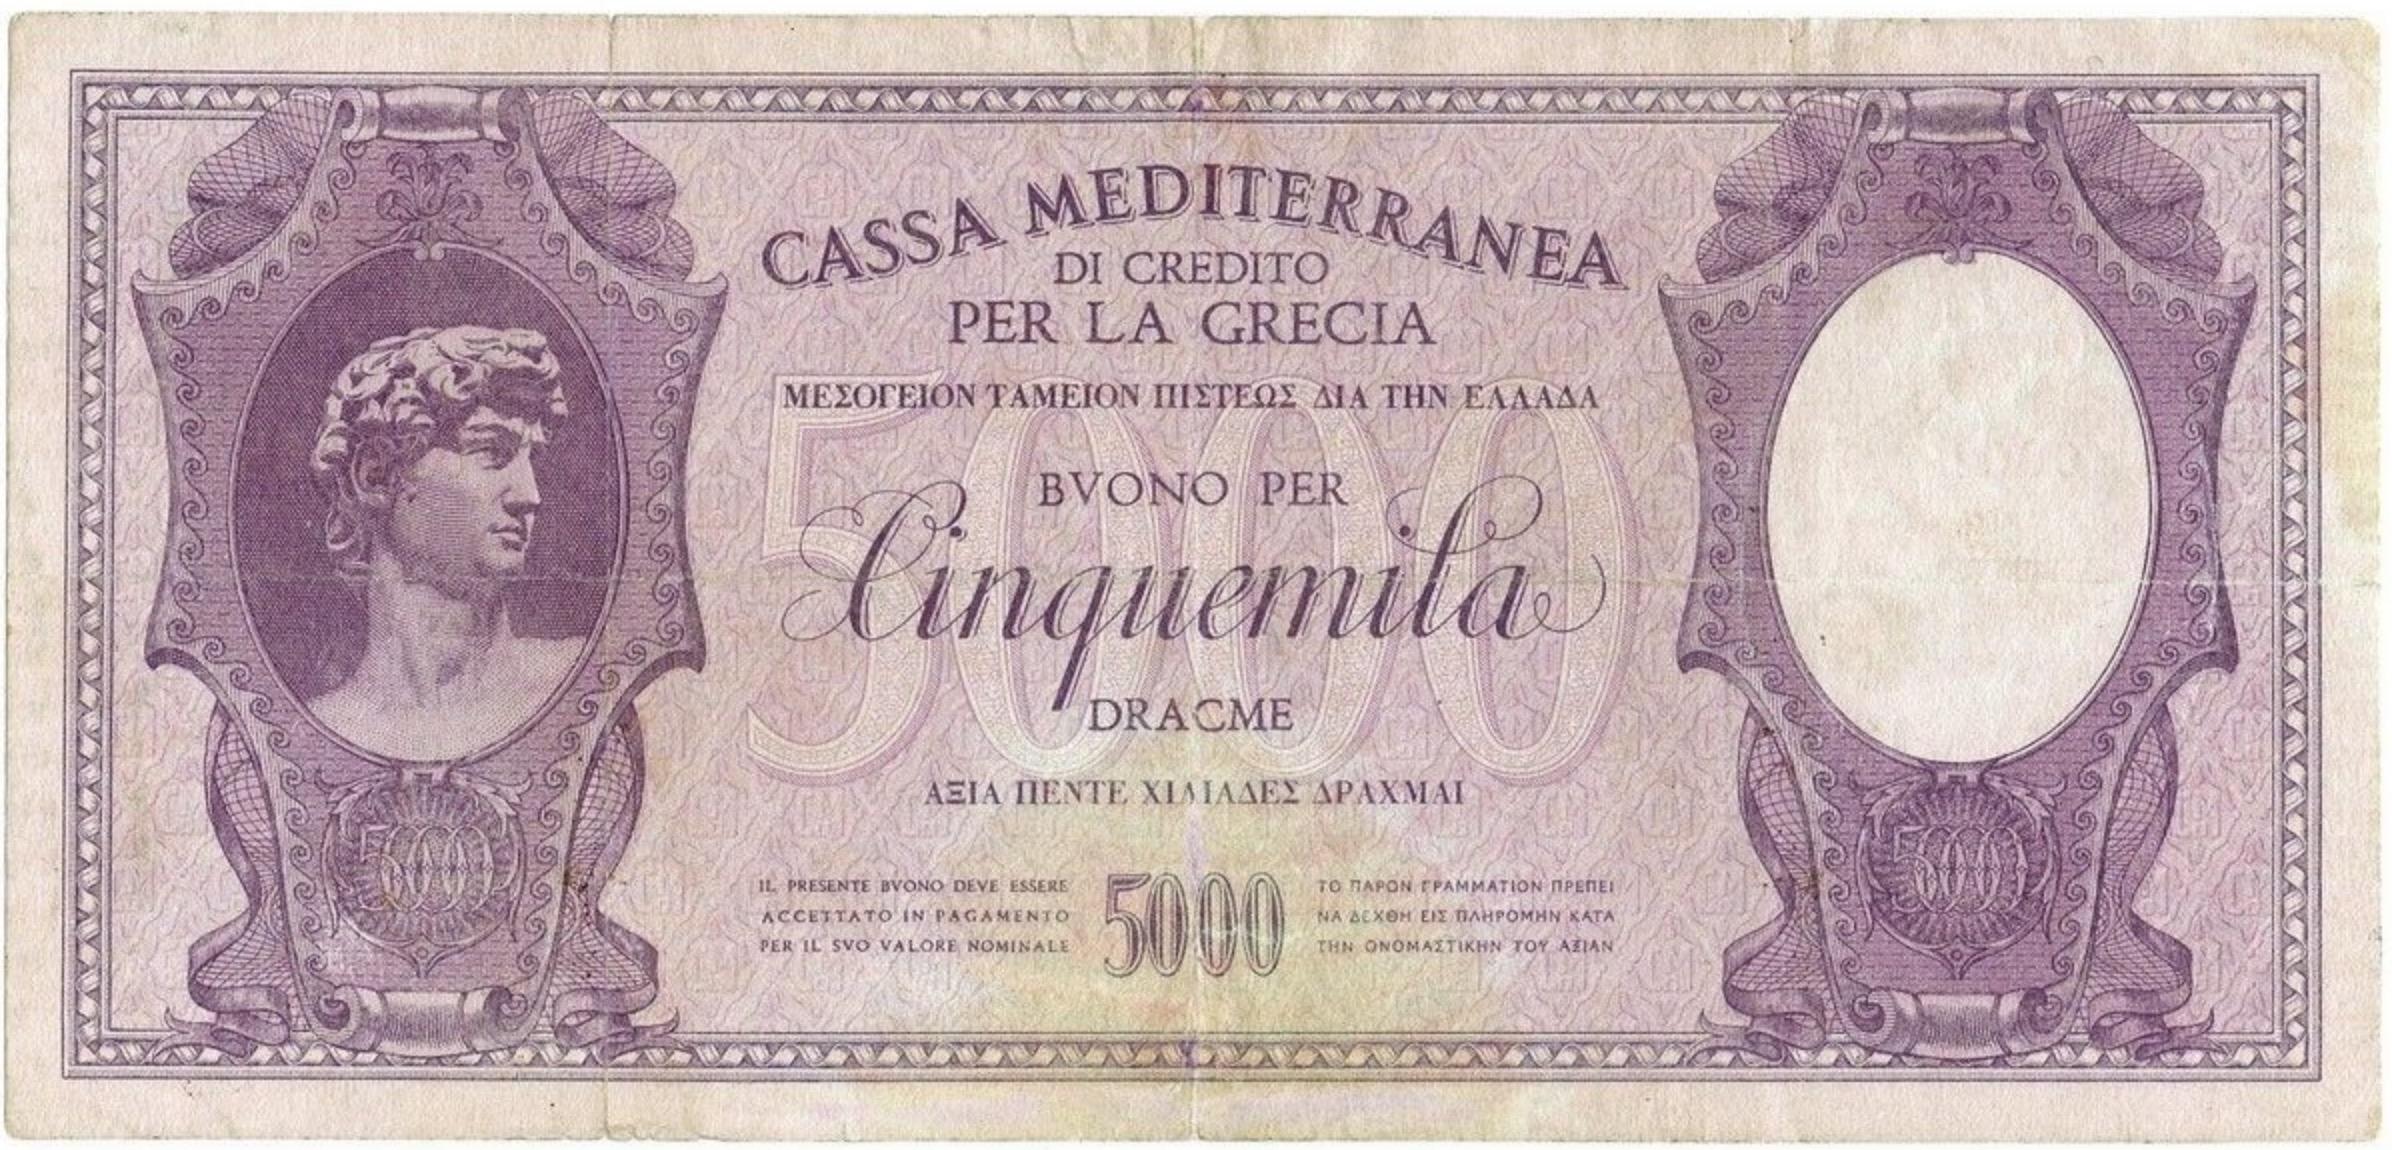 5000 Dracme Cassa Mediterranea banknote